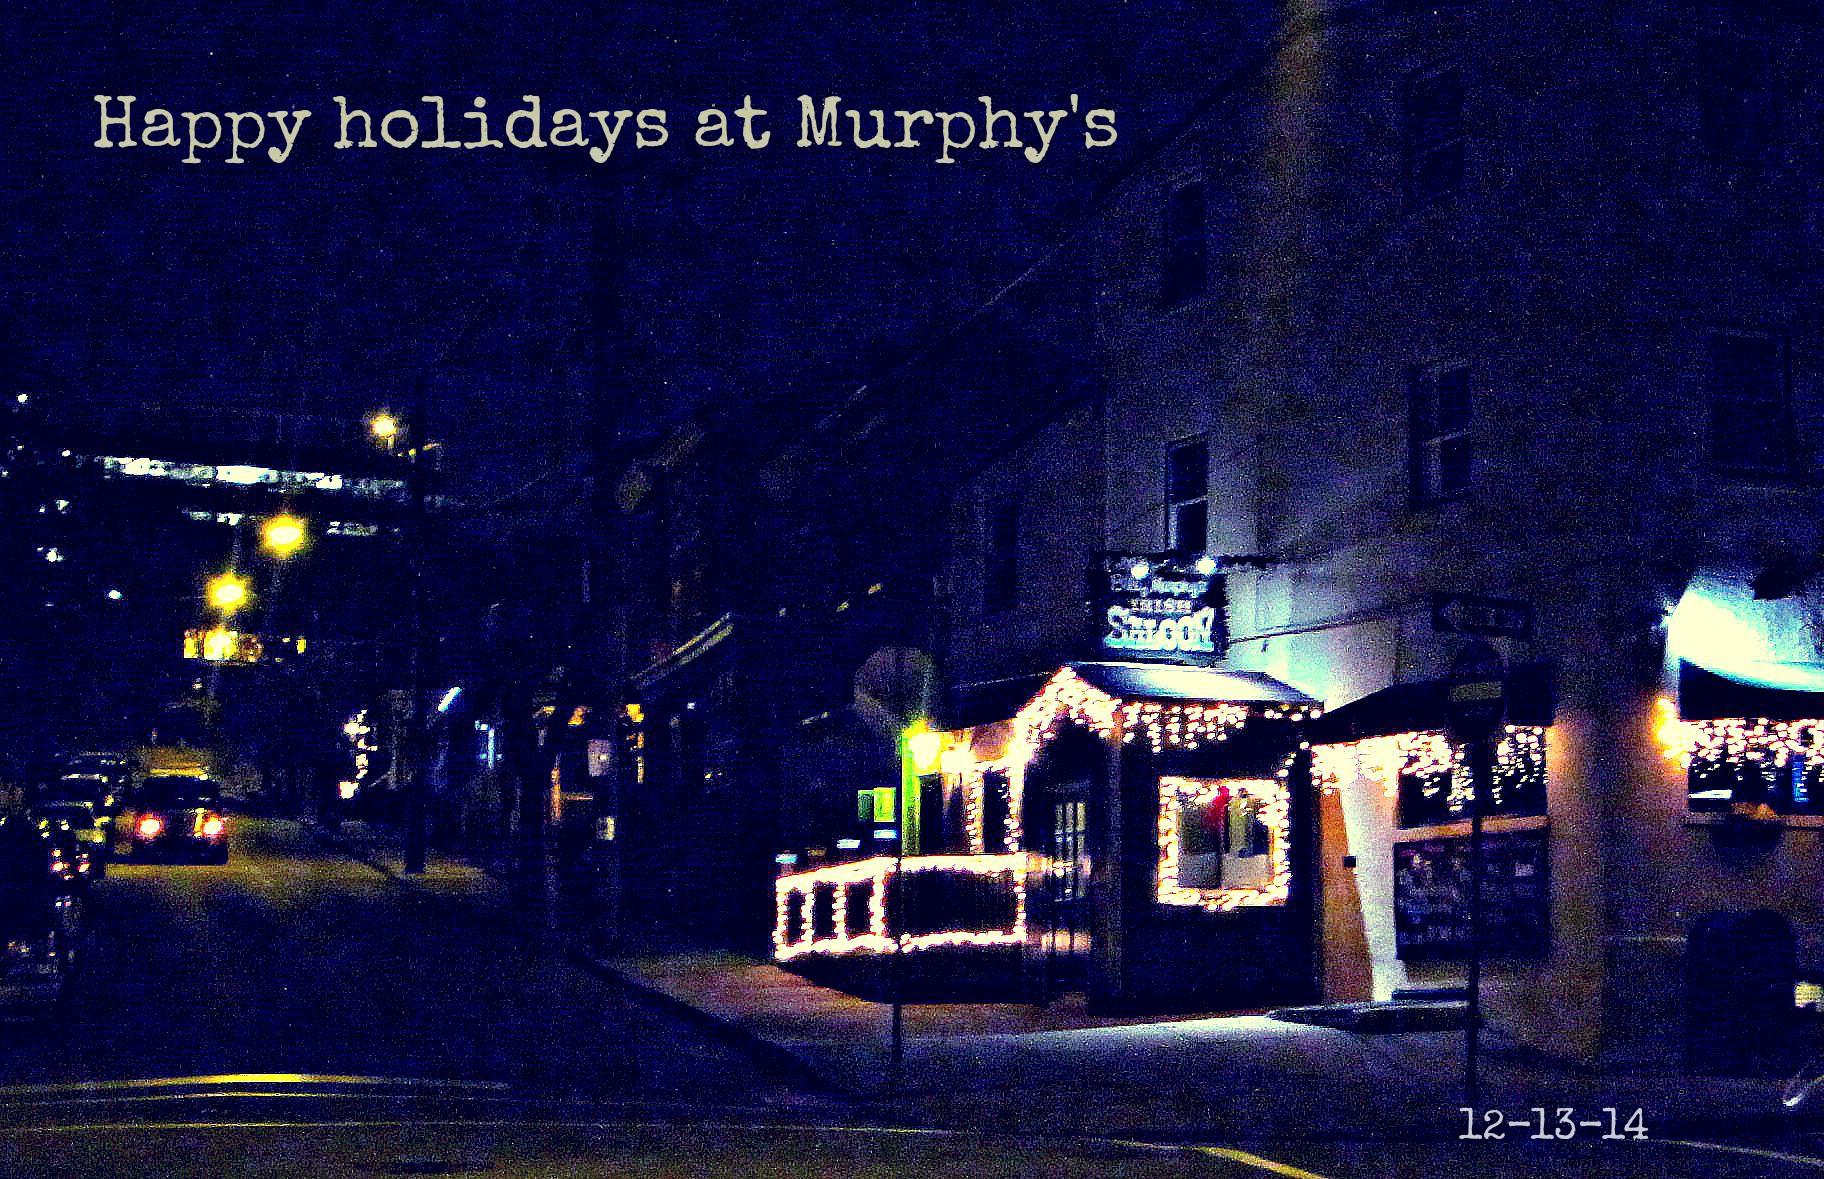 East Falls Local 12-13 Billy Murphy lights pixlr text